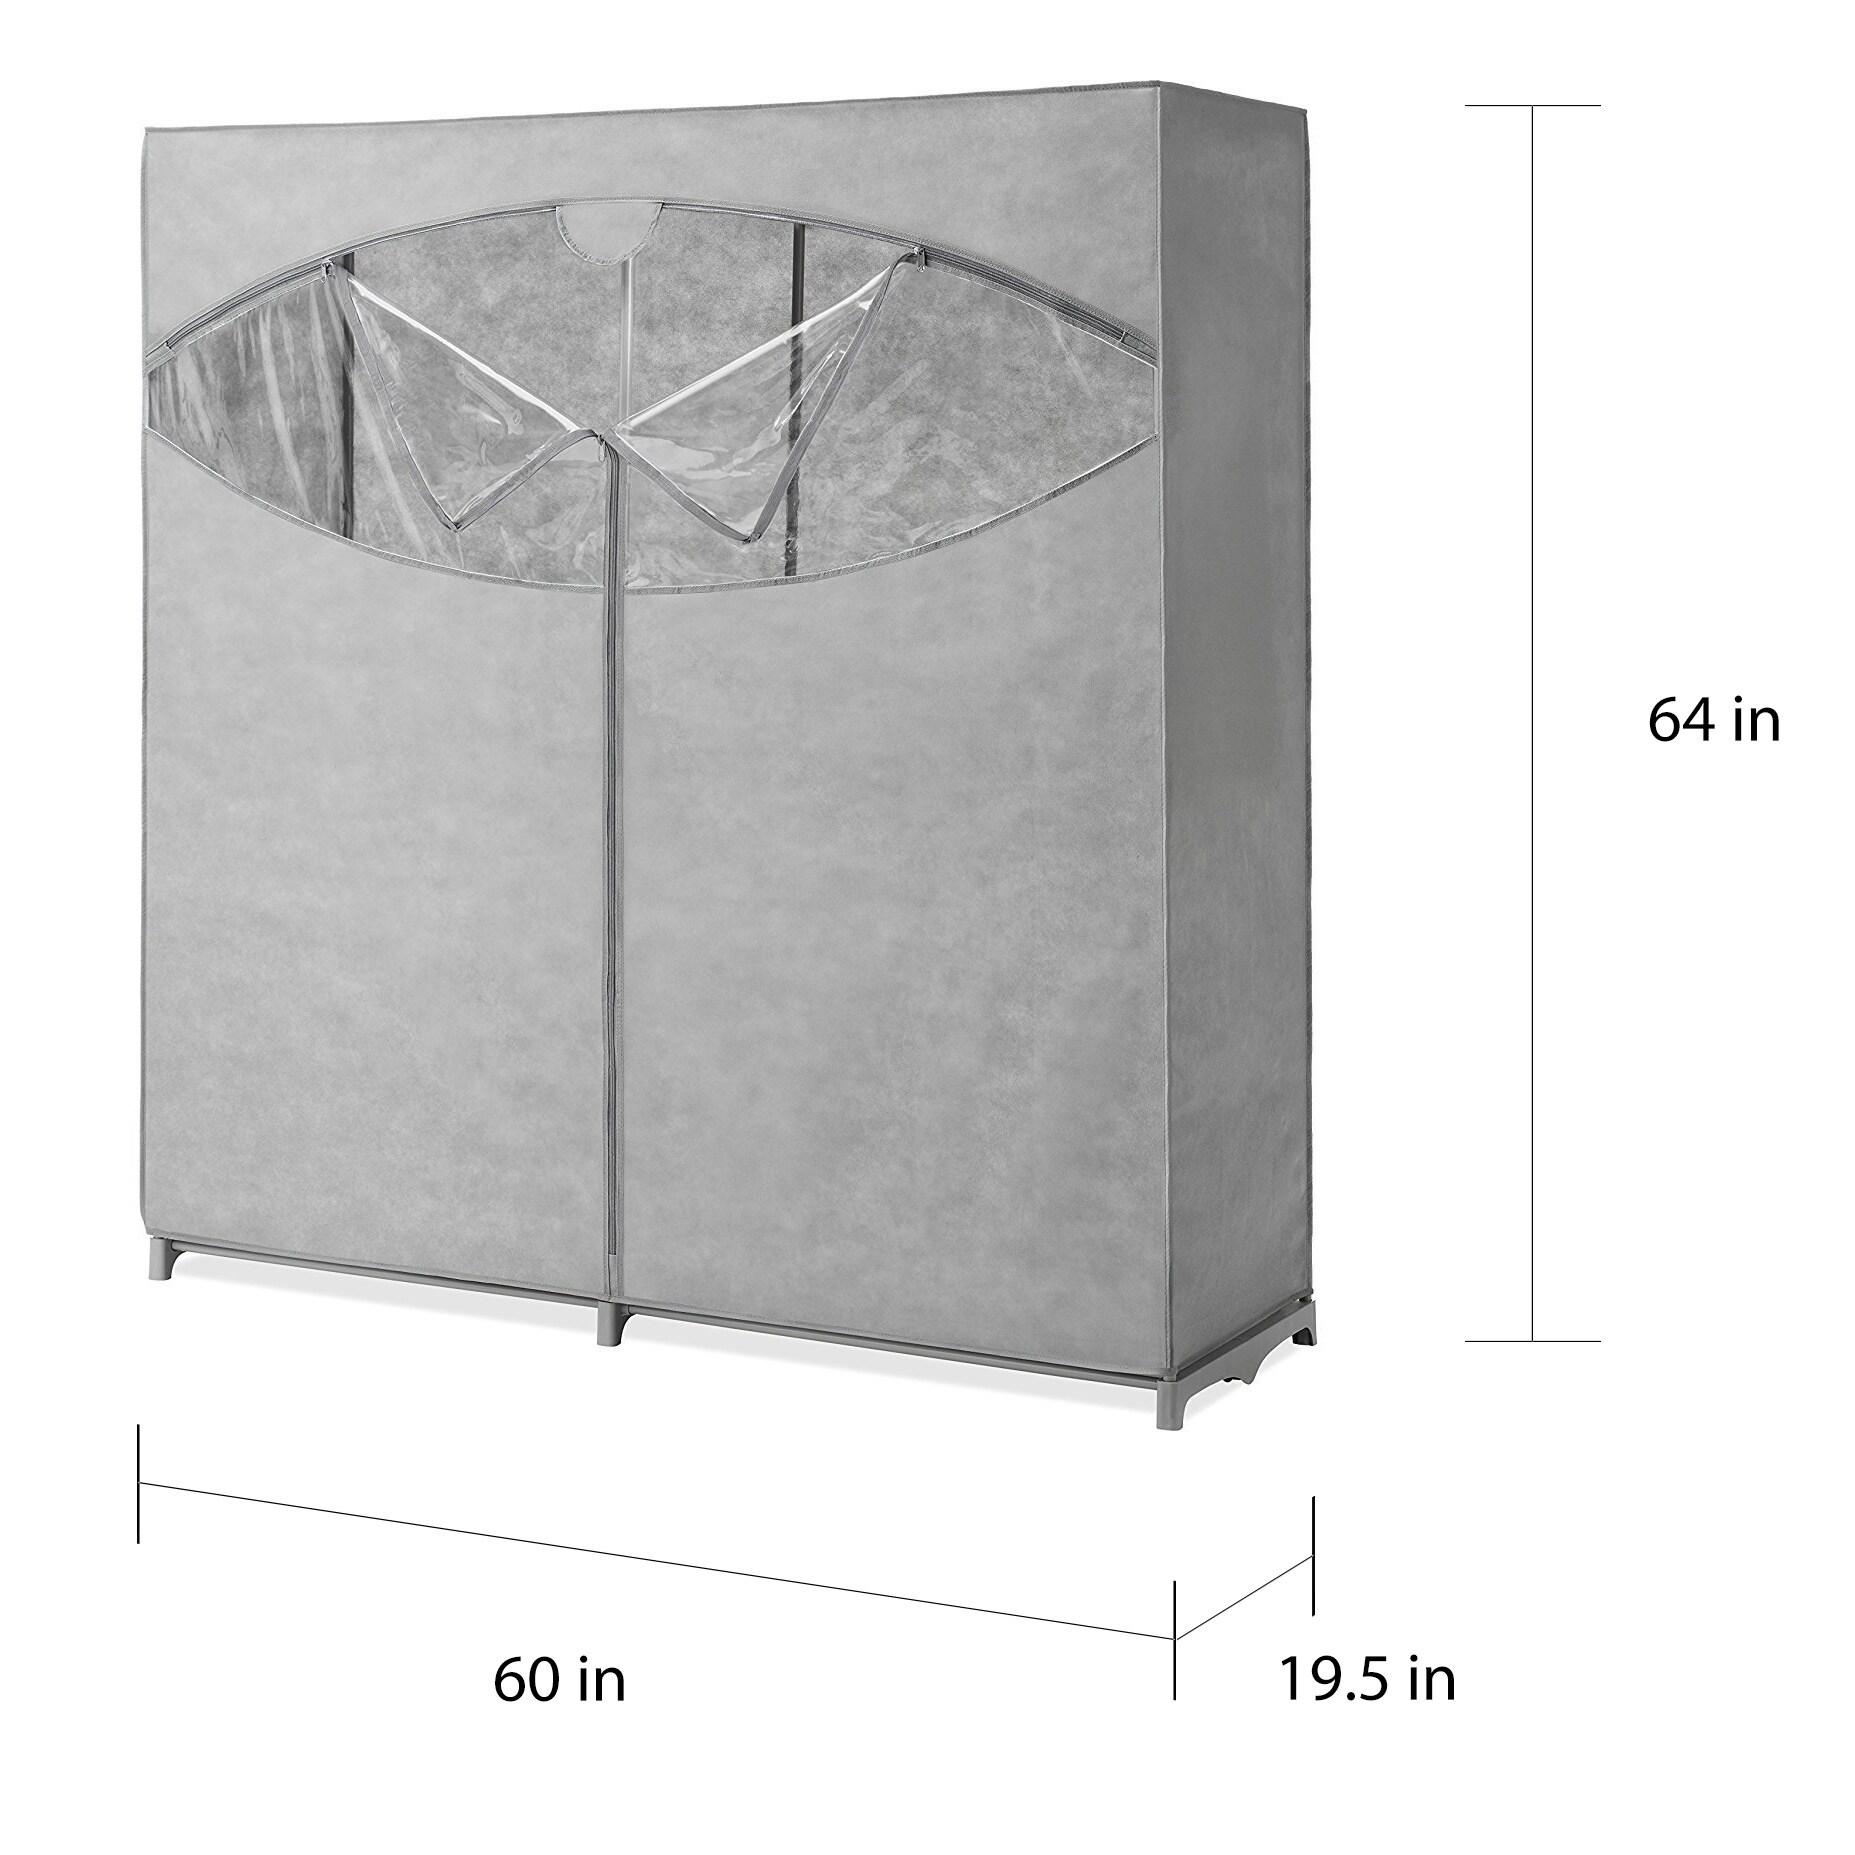 Whitmor Portable Wardrobe Clothes Storage Organizer Closet With